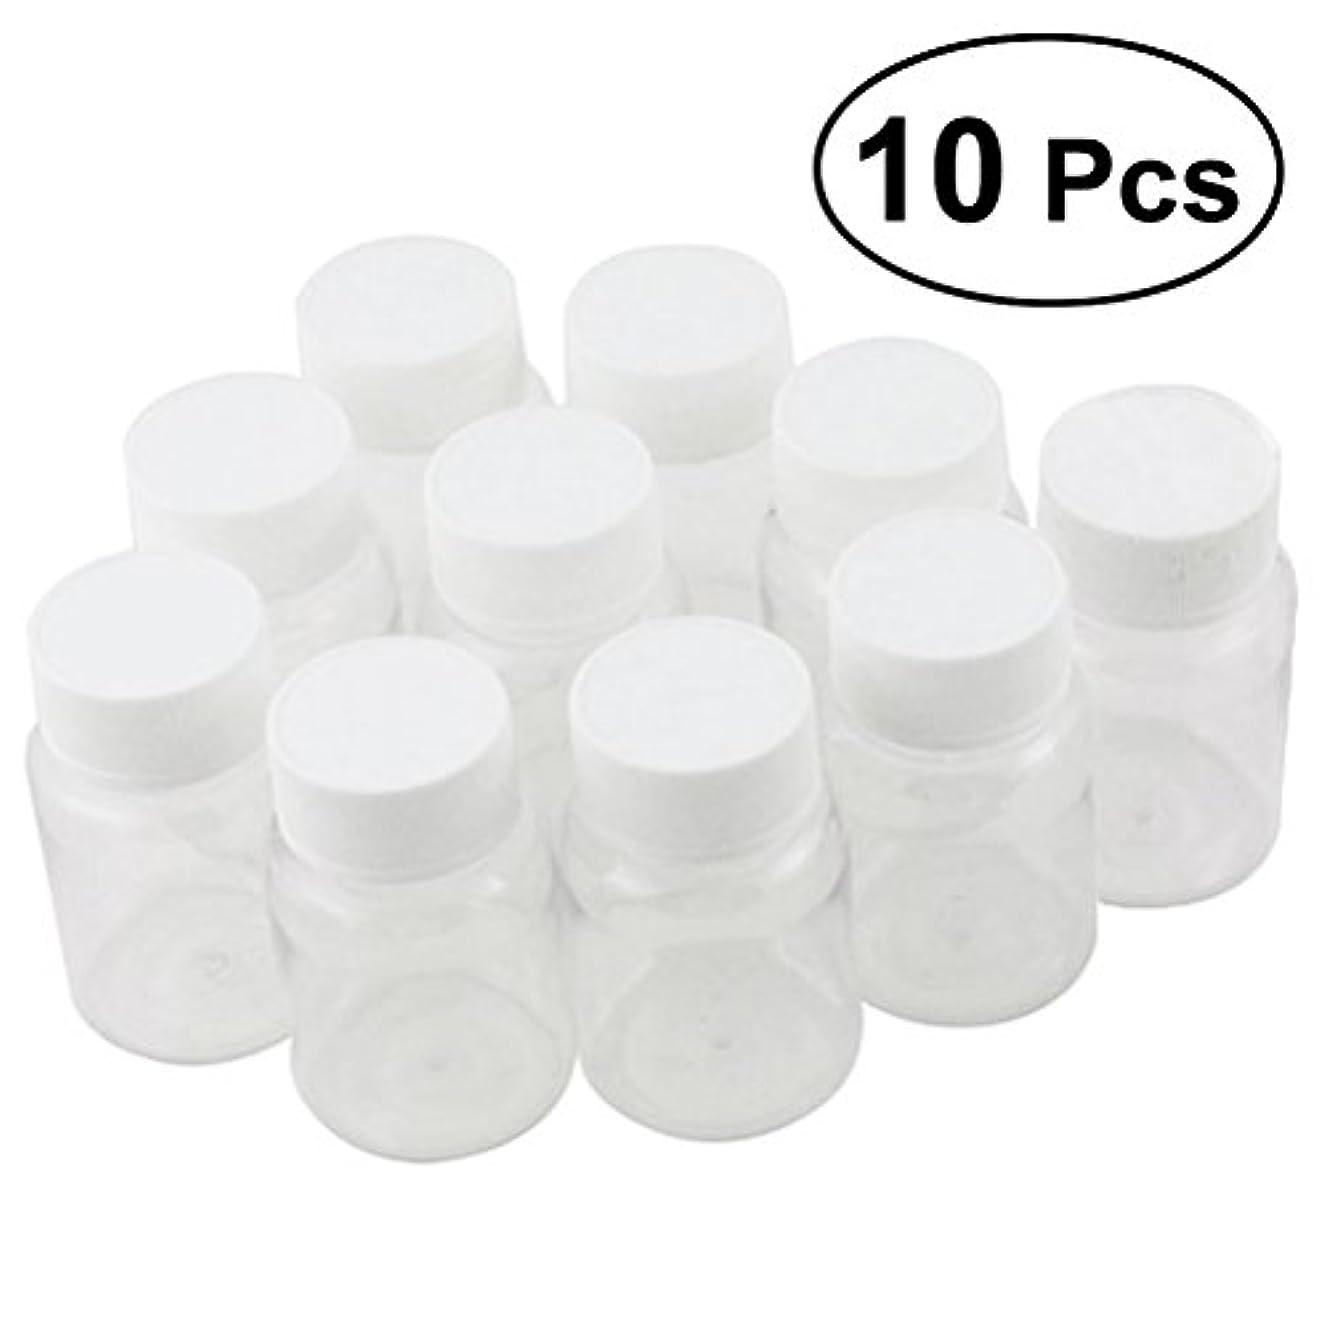 後悔ハウジング潜むULTNICE 小分けボトル 広口 クリア 詰め替え容器 薬保存 ビーズ収納 液体 10個セット